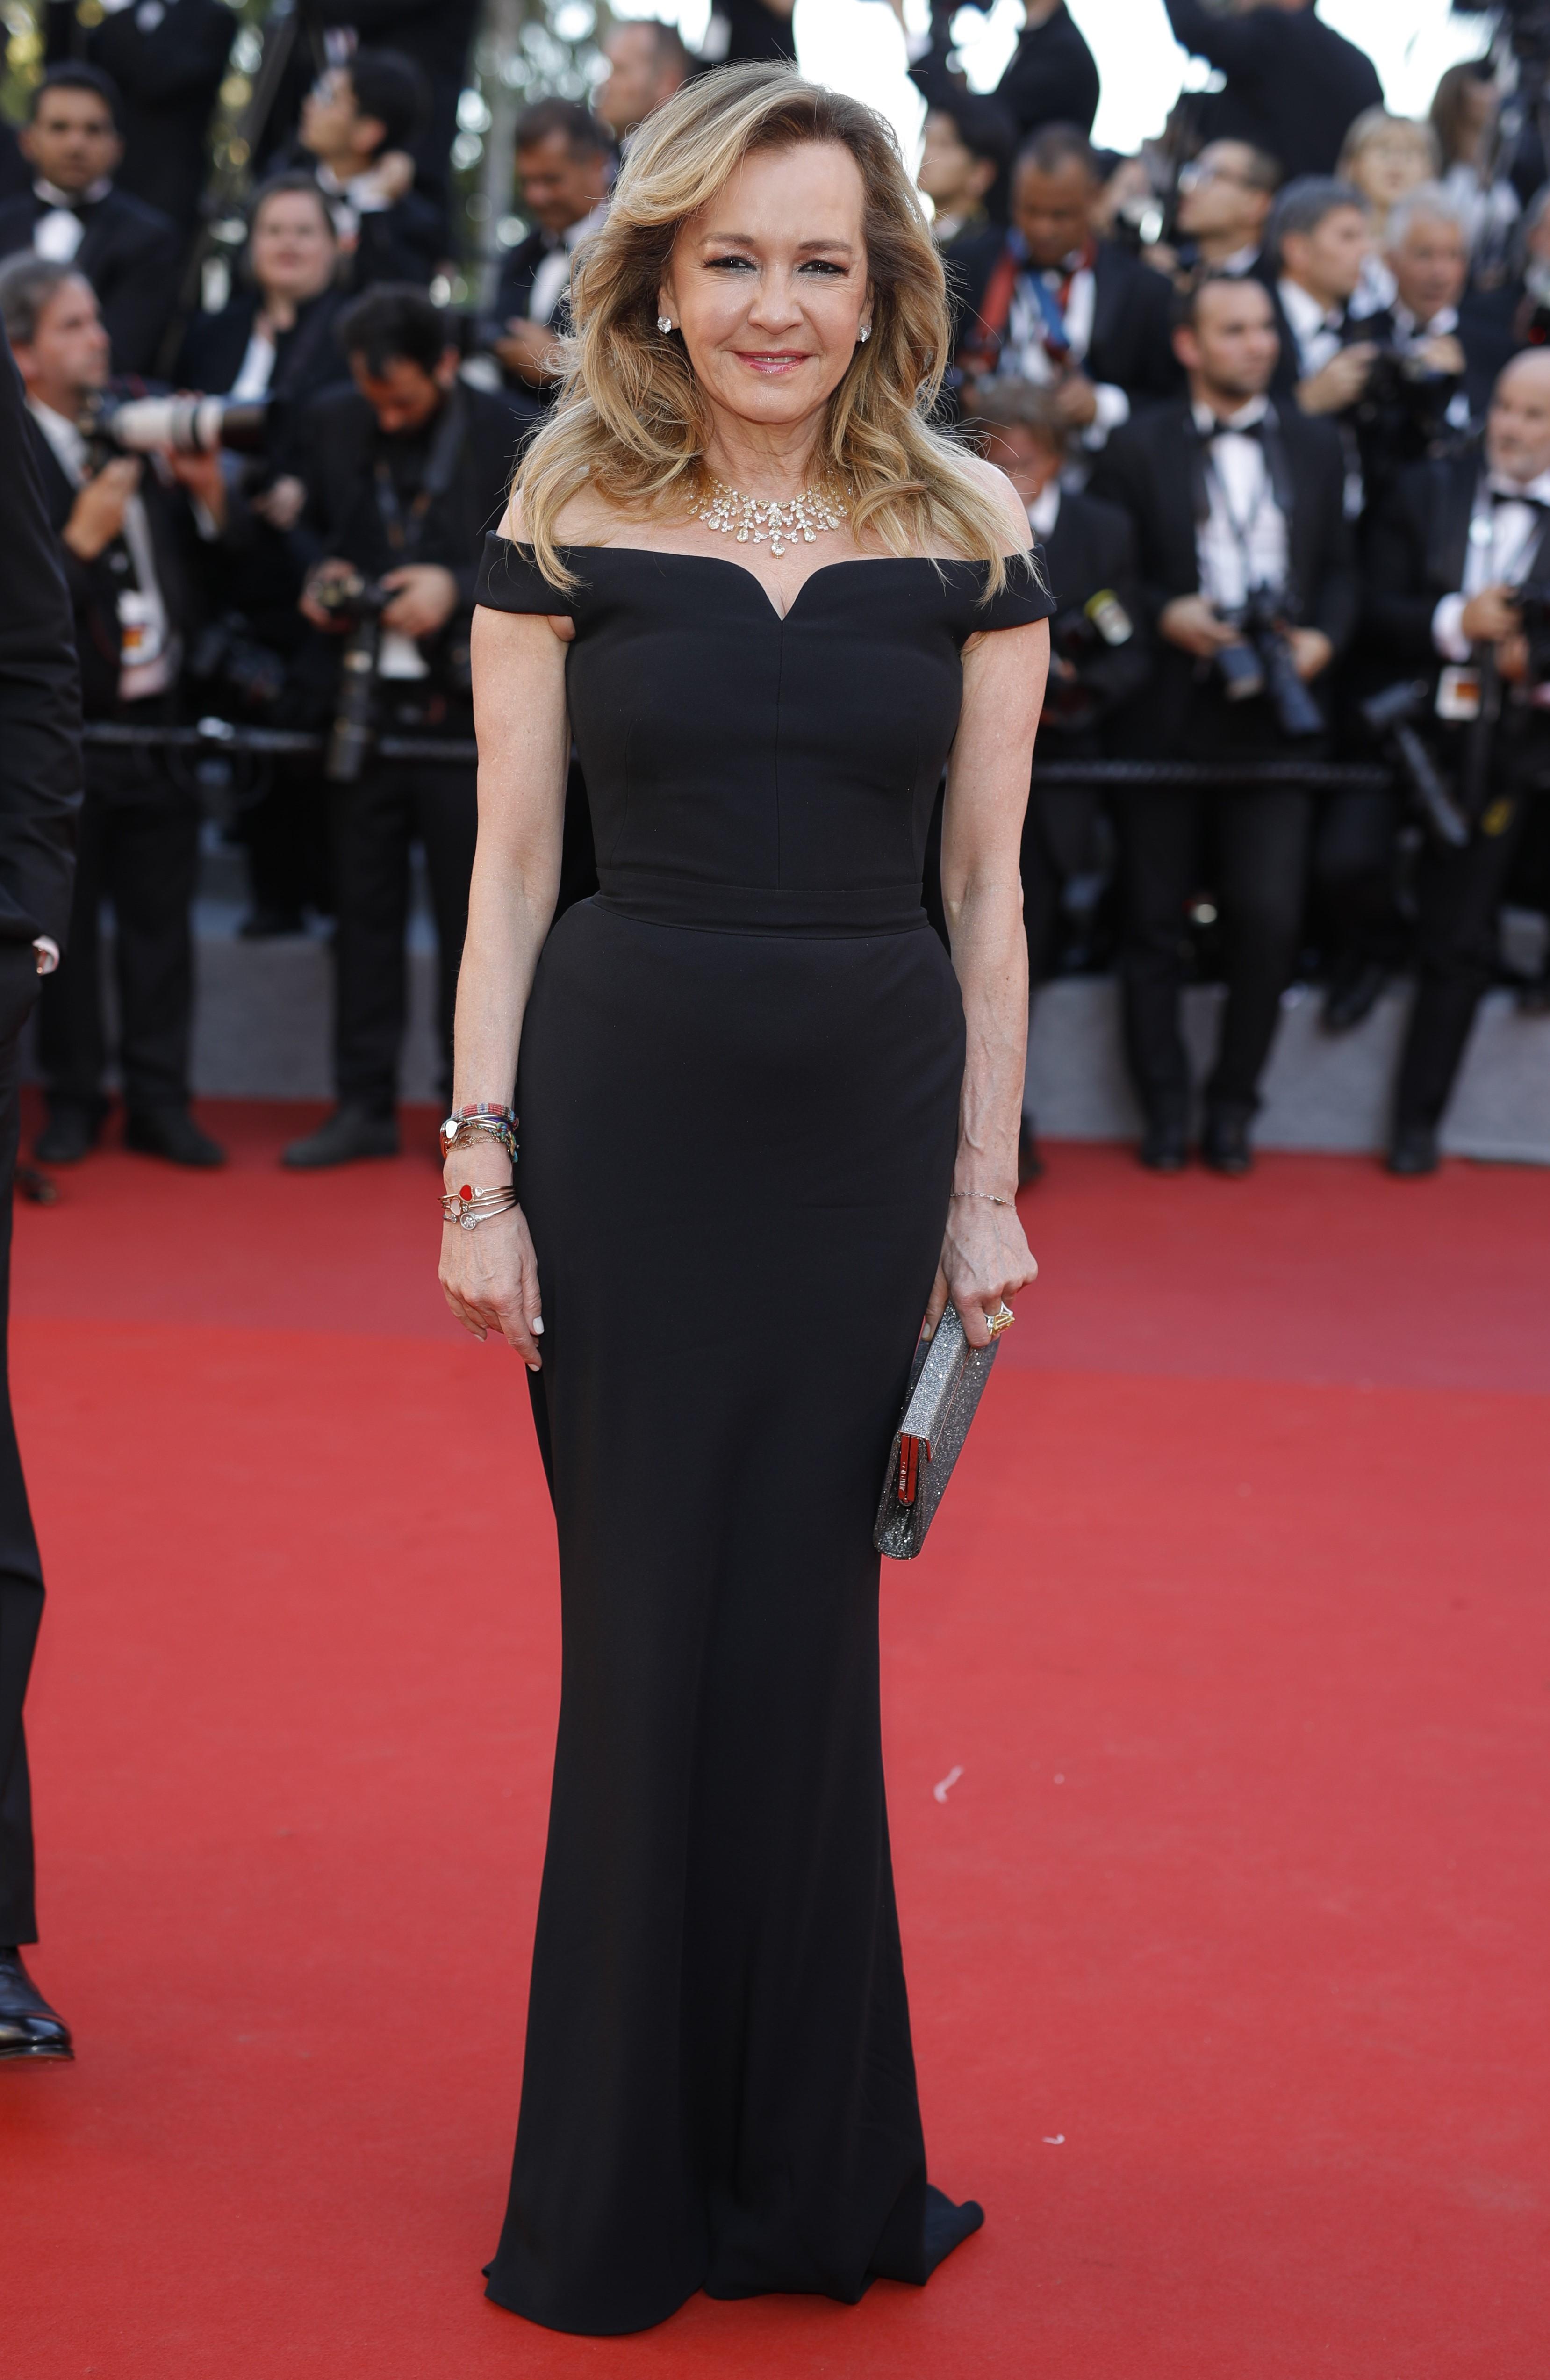 Chủ tích của Chopard, bà Caroline Scheufele cũng chọn cho mình bộ trang sức đắt tiền và sang trọng từ thương hiệu của mình.